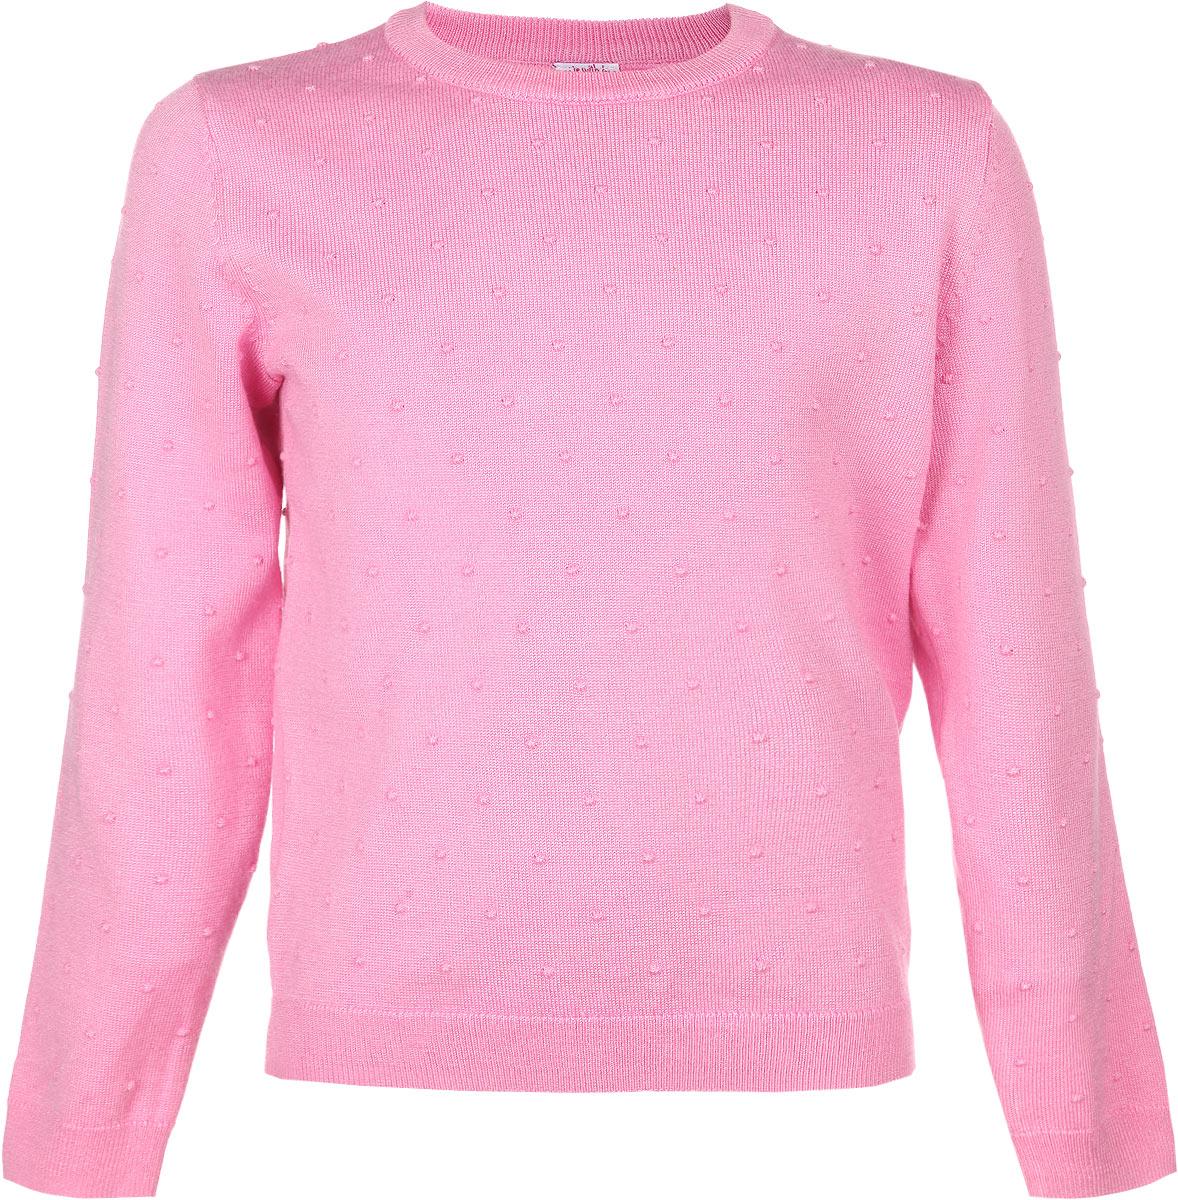 Джемпер для девочки Sela, цвет: светло-розовый. JR-514/144-6131. Размер 110, 5 летJR-514/144-6131Джемпер для девочки Sela идеально подойдет вашей маленькой моднице. Изготовленный из вискозы с добавлением нейлона, он необычайно мягкий и приятный на ощупь, не сковывает движения, обеспечивая наибольший комфорт. Модель с длинными рукавами и круглым вырезом горловины оформлена рельефным узором. Вырез горловины, низ джемпера и рукава дополнены трикотажной эластичной резинкой. Современный дизайн и расцветка делают этот джемпер модным и стильным предметом детского гардероба. В нем ваша дочурка будет чувствовать себя уютно, комфортно и всегда будет в центре внимания!